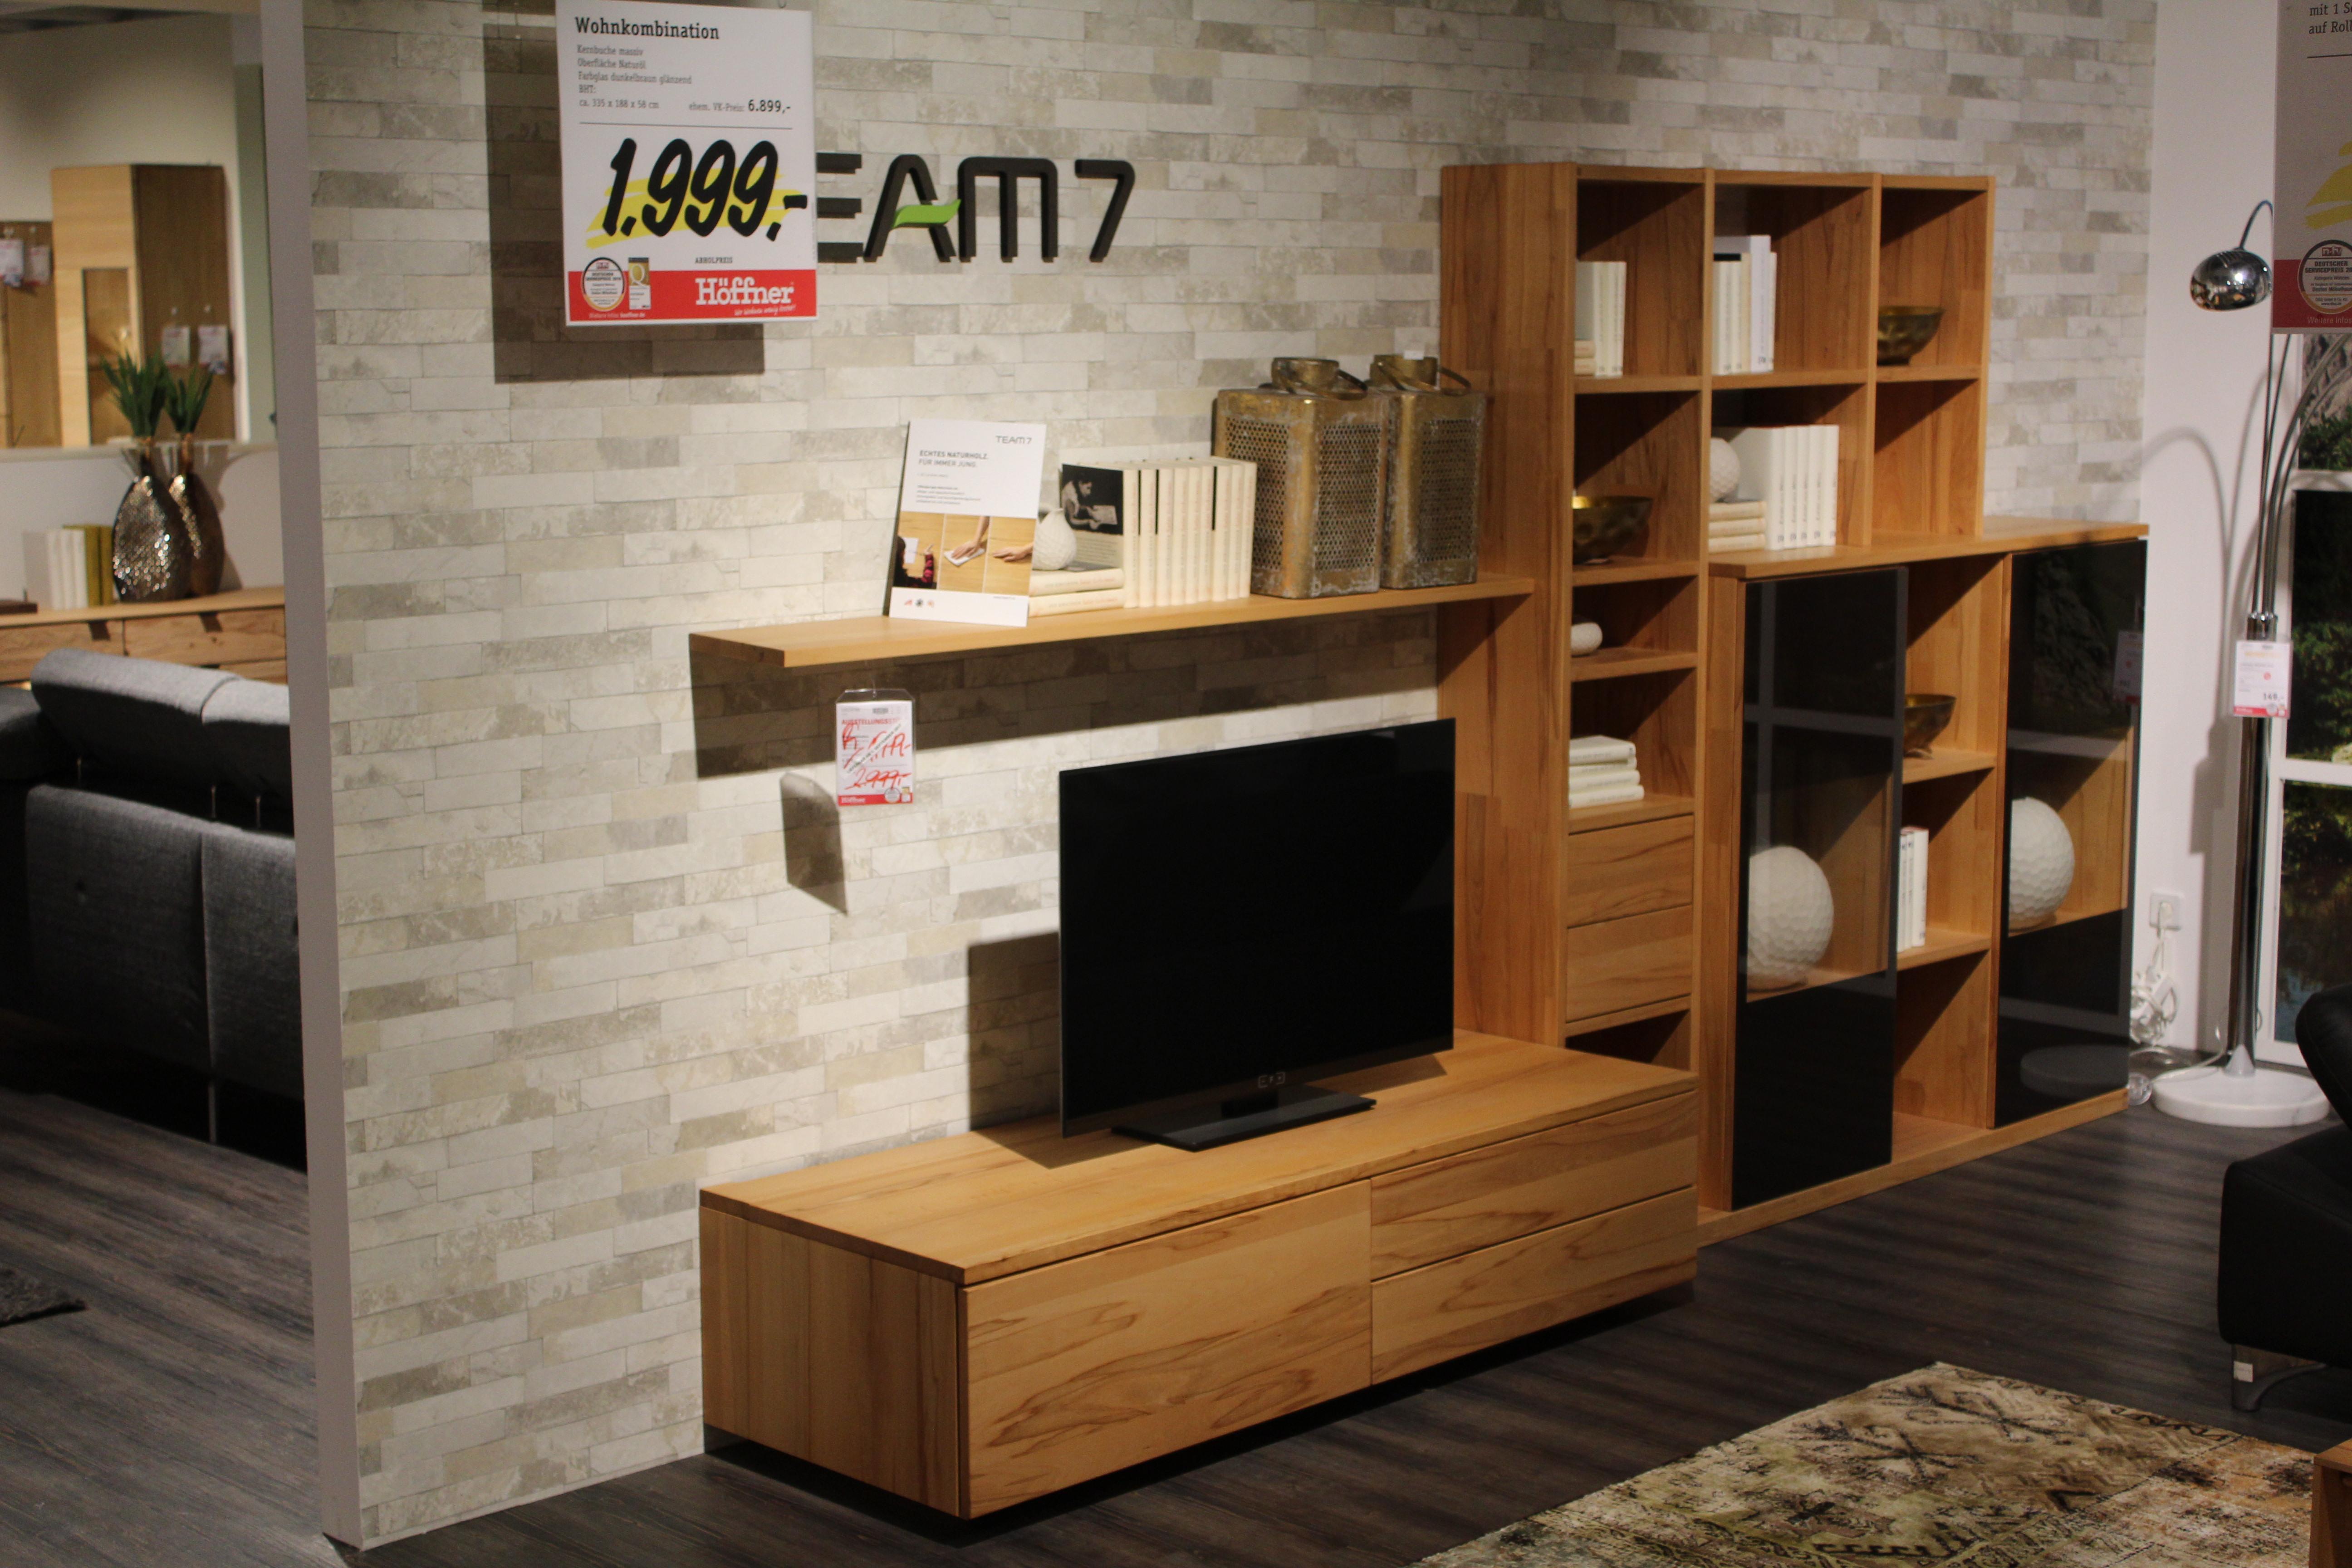 team 7 kchen preise amazing best team k chen preise ridgewayng com emejing kchen team with team. Black Bedroom Furniture Sets. Home Design Ideas